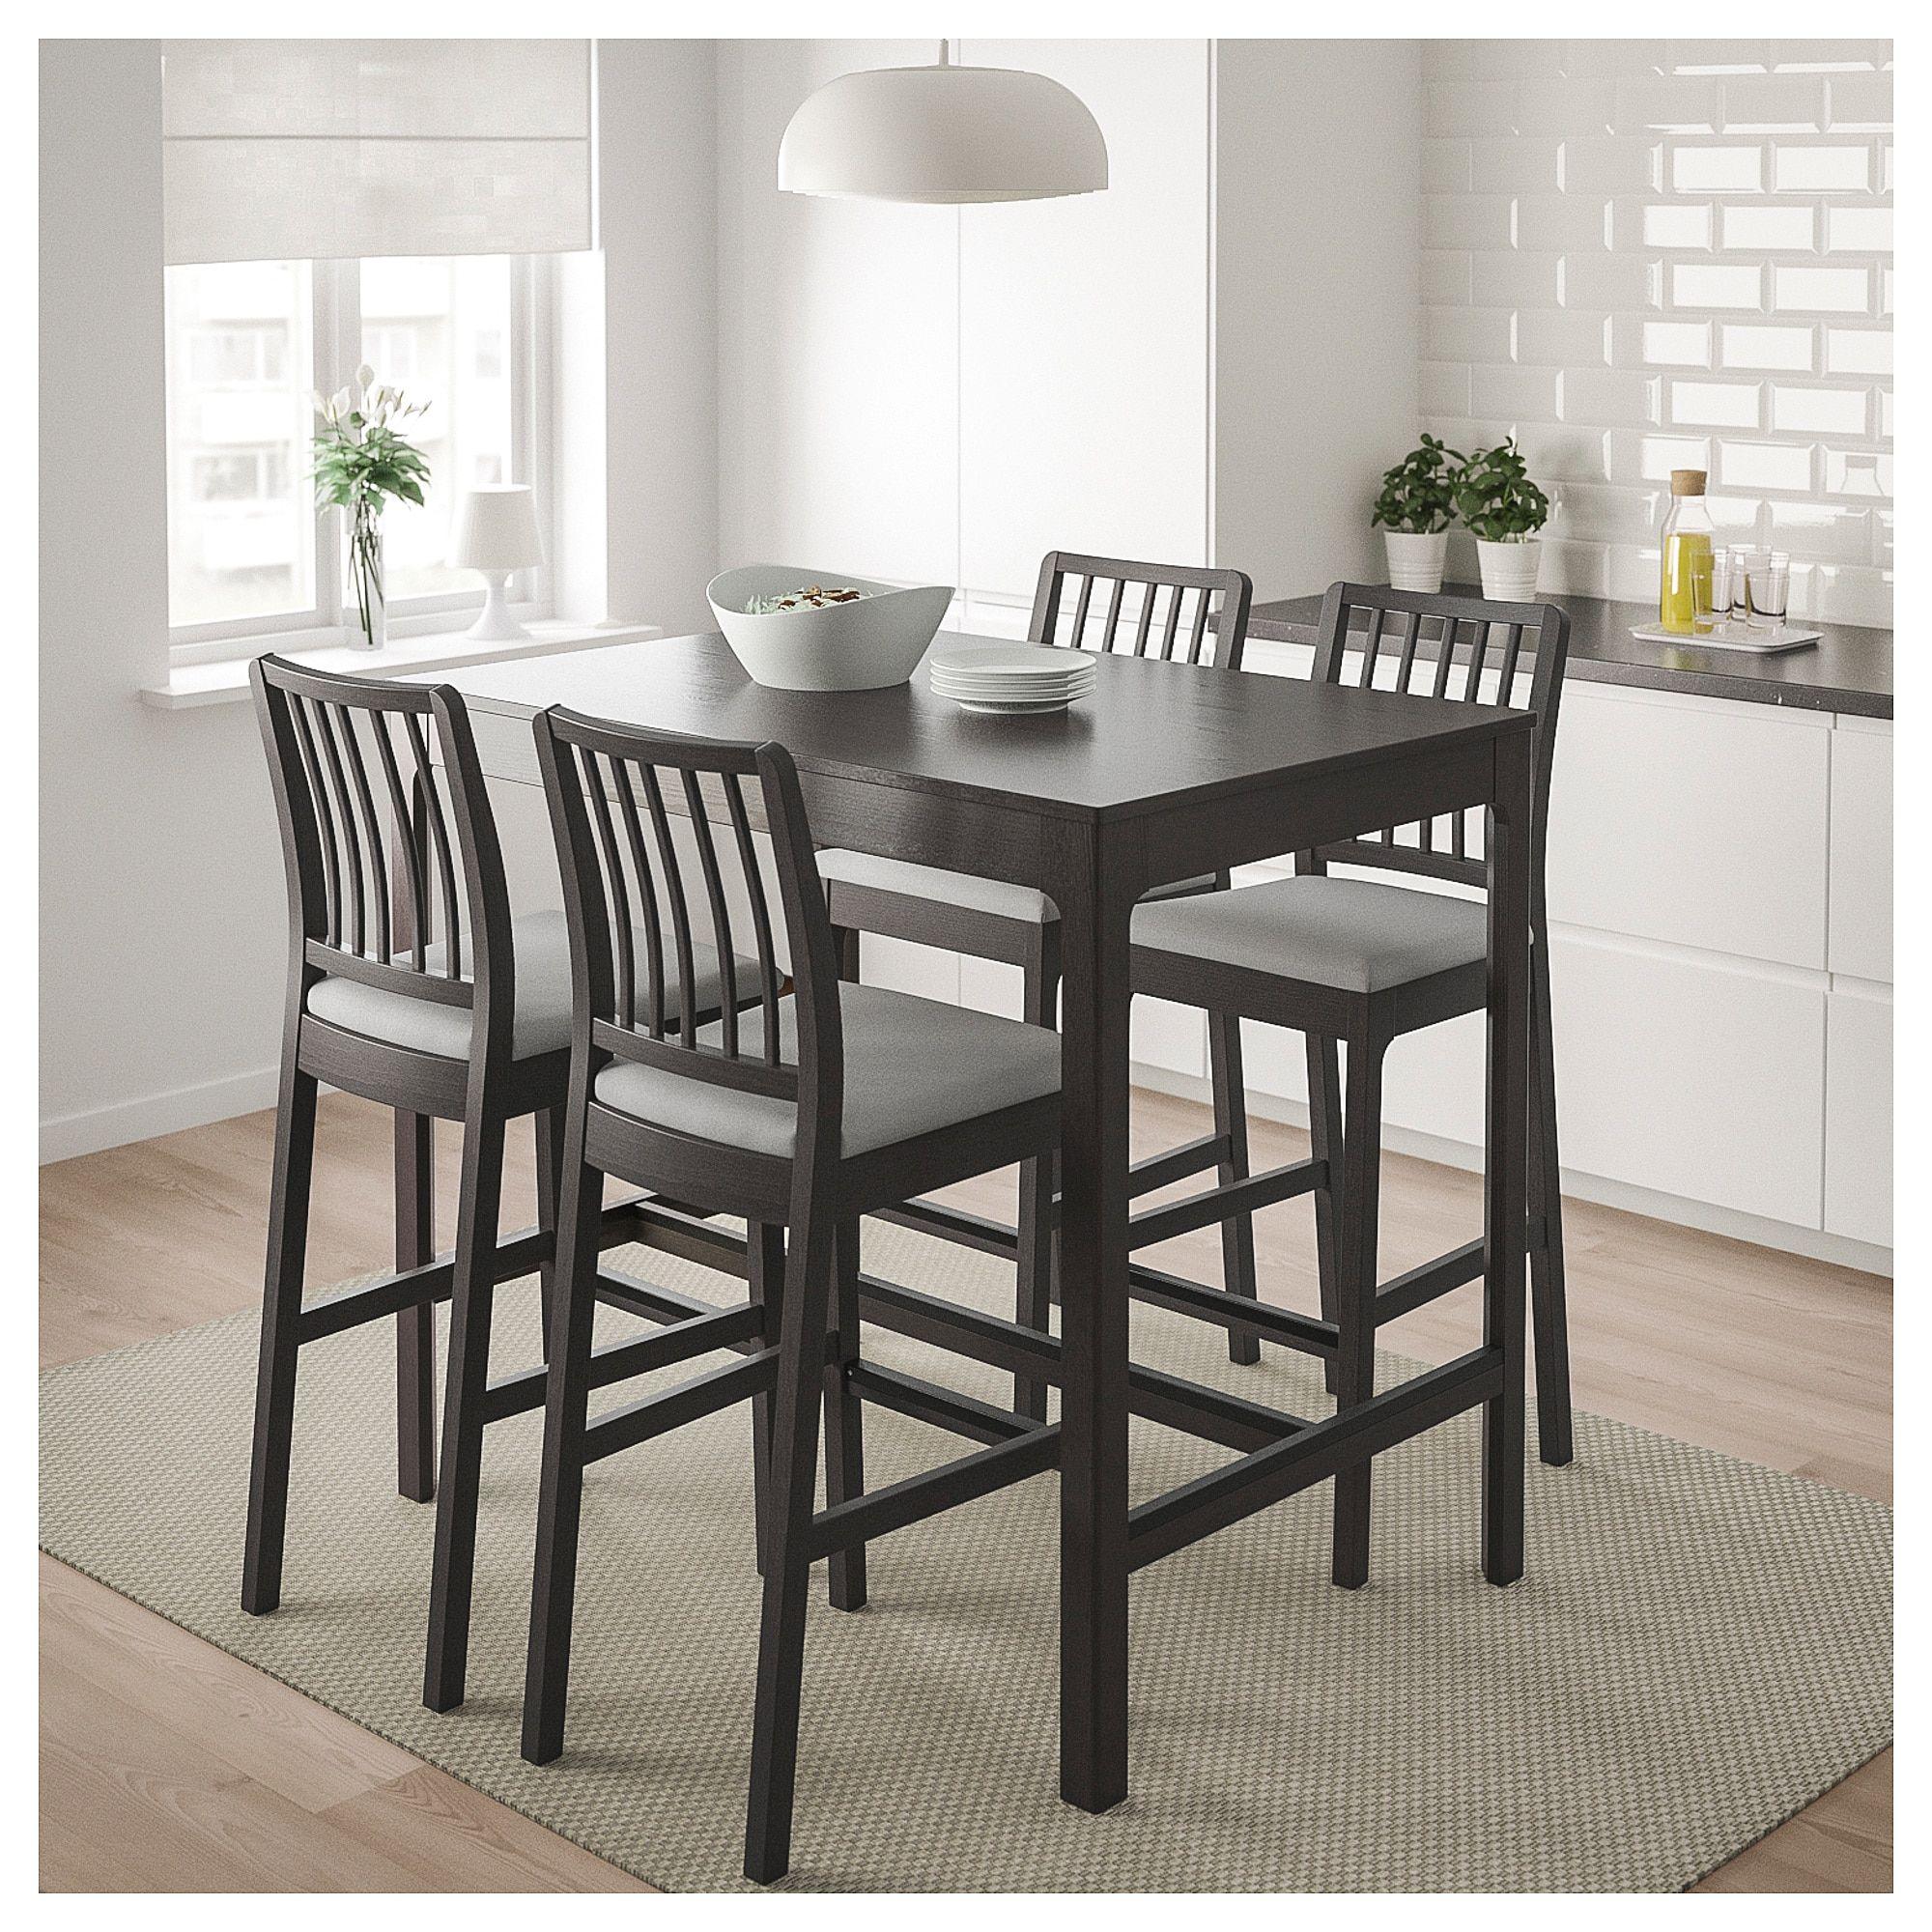 Full Size of Bartisch Ikea Küche Kosten Miniküche Sofa Mit Schlaffunktion Betten Bei Modulküche Kaufen 160x200 Wohnzimmer Bartisch Ikea